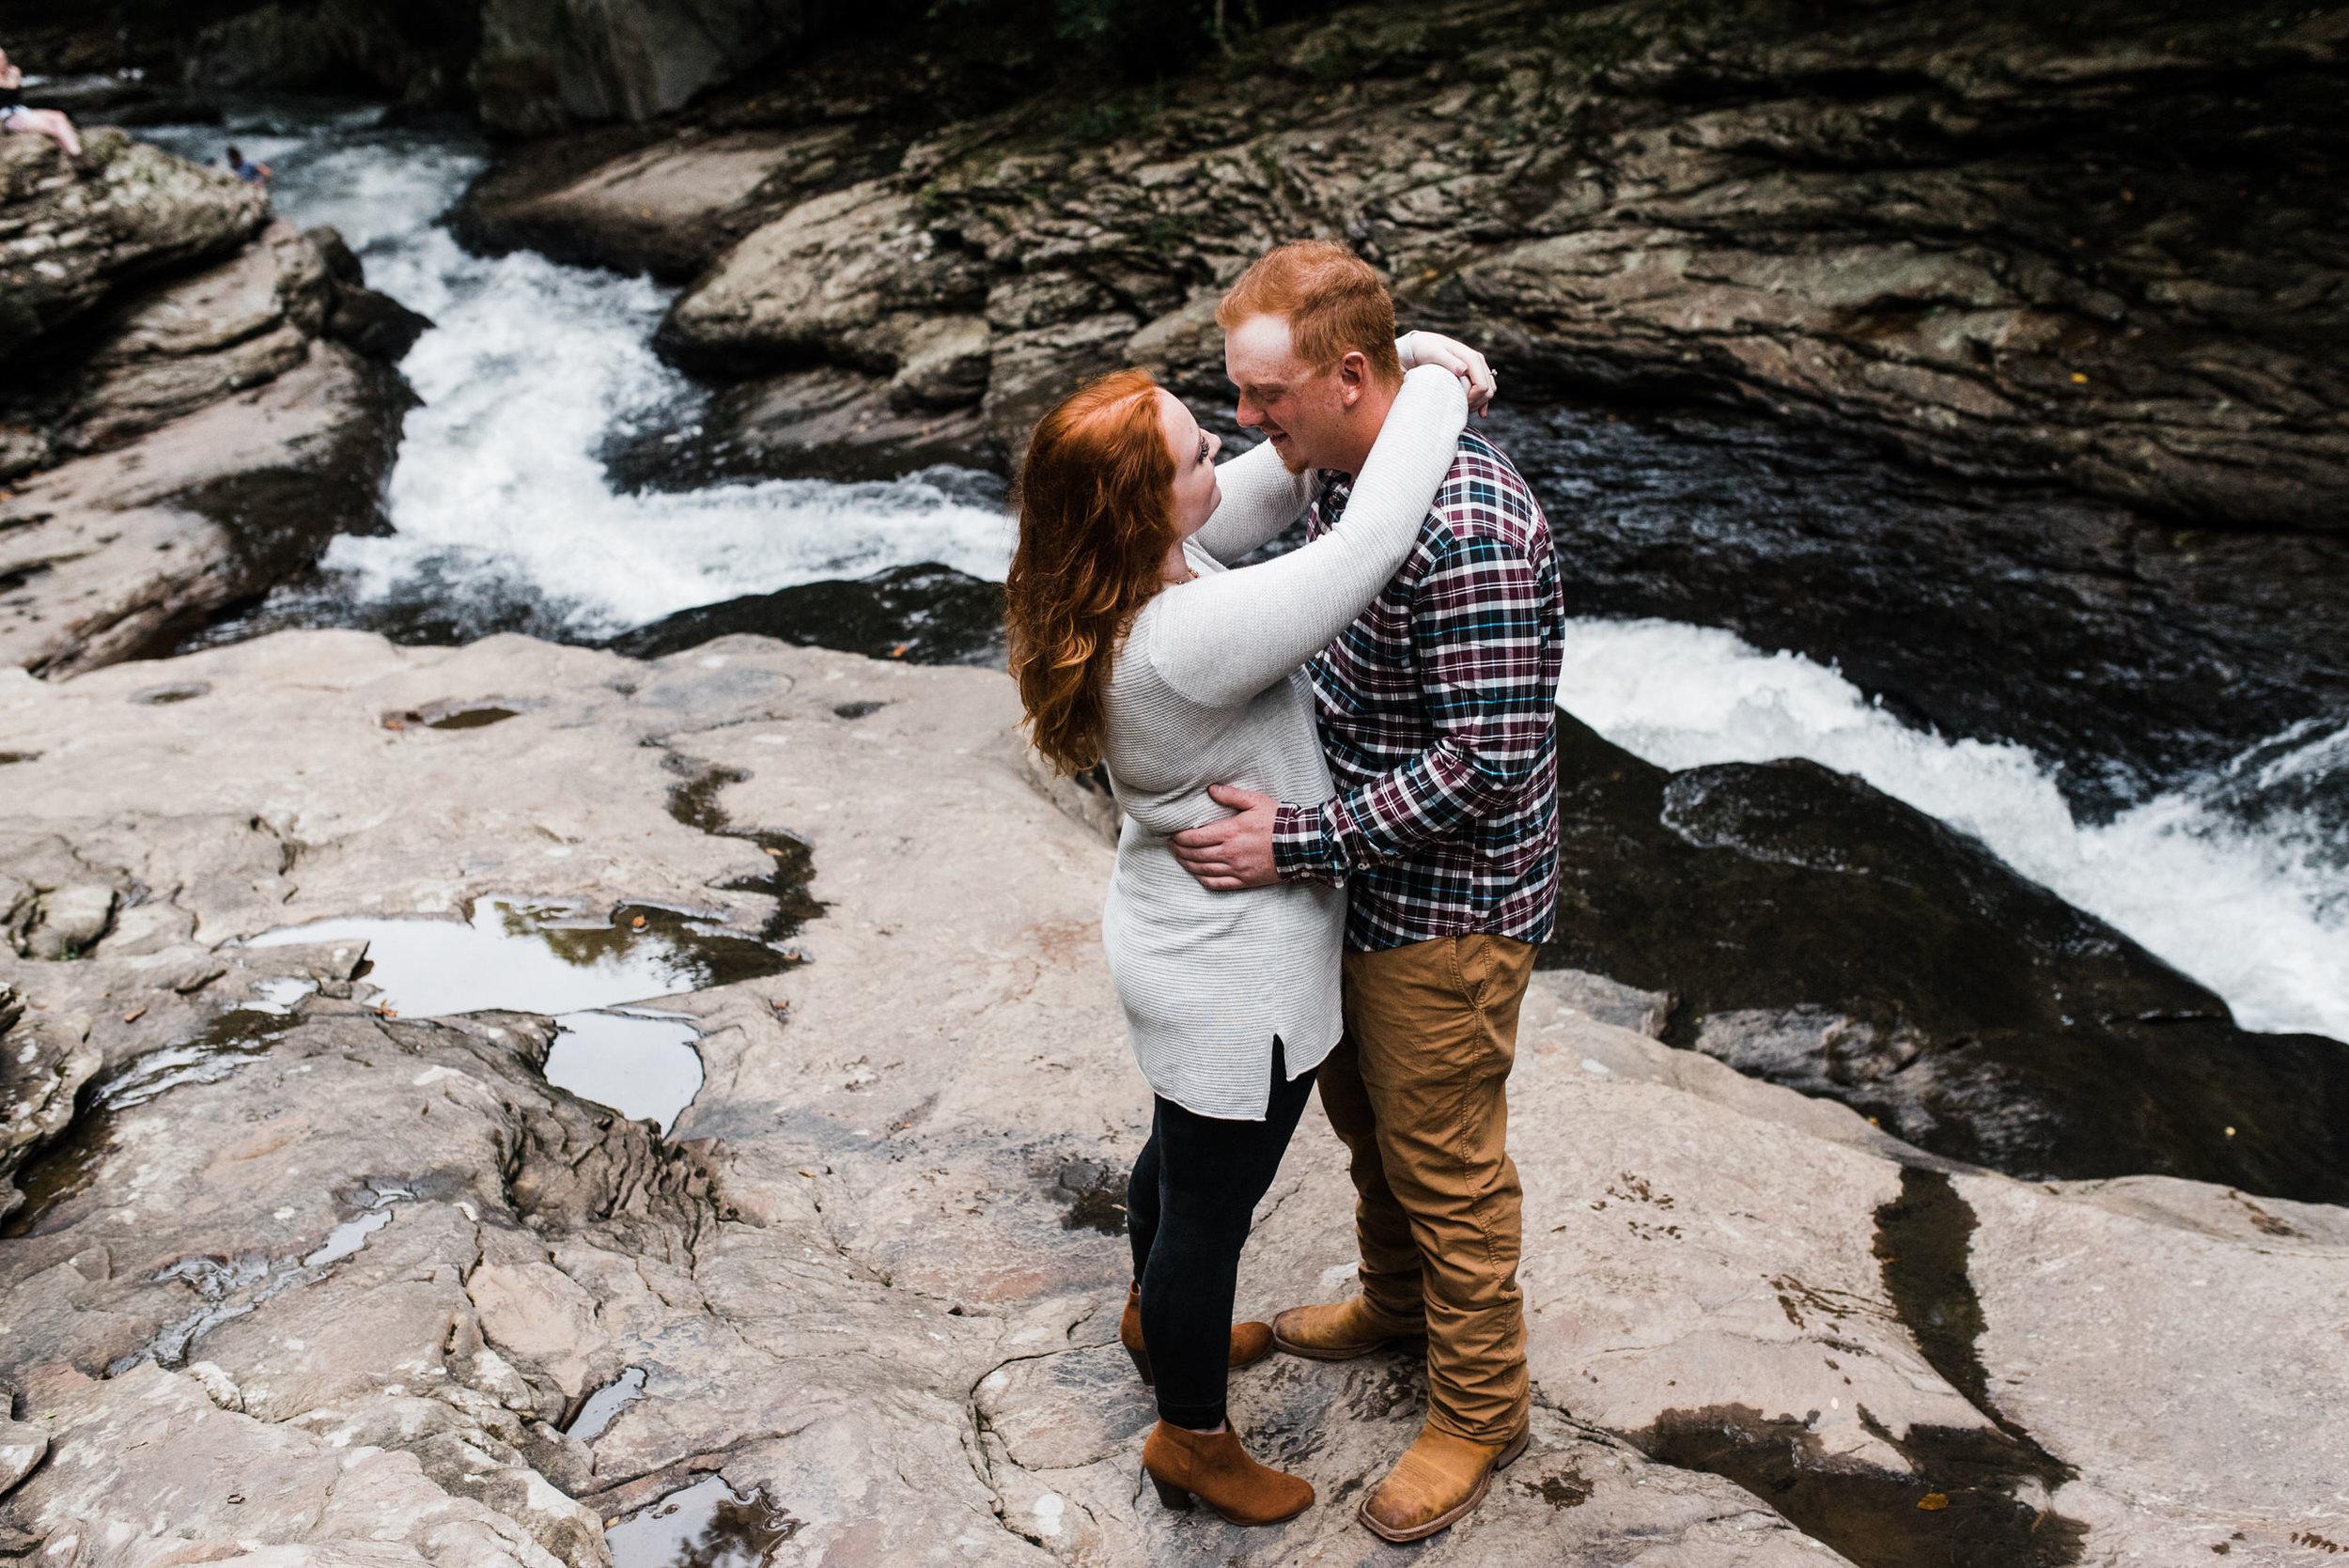 Ohio-Pyle-Engagement_Photos-Ashley-Reed_Photography_043.jpg